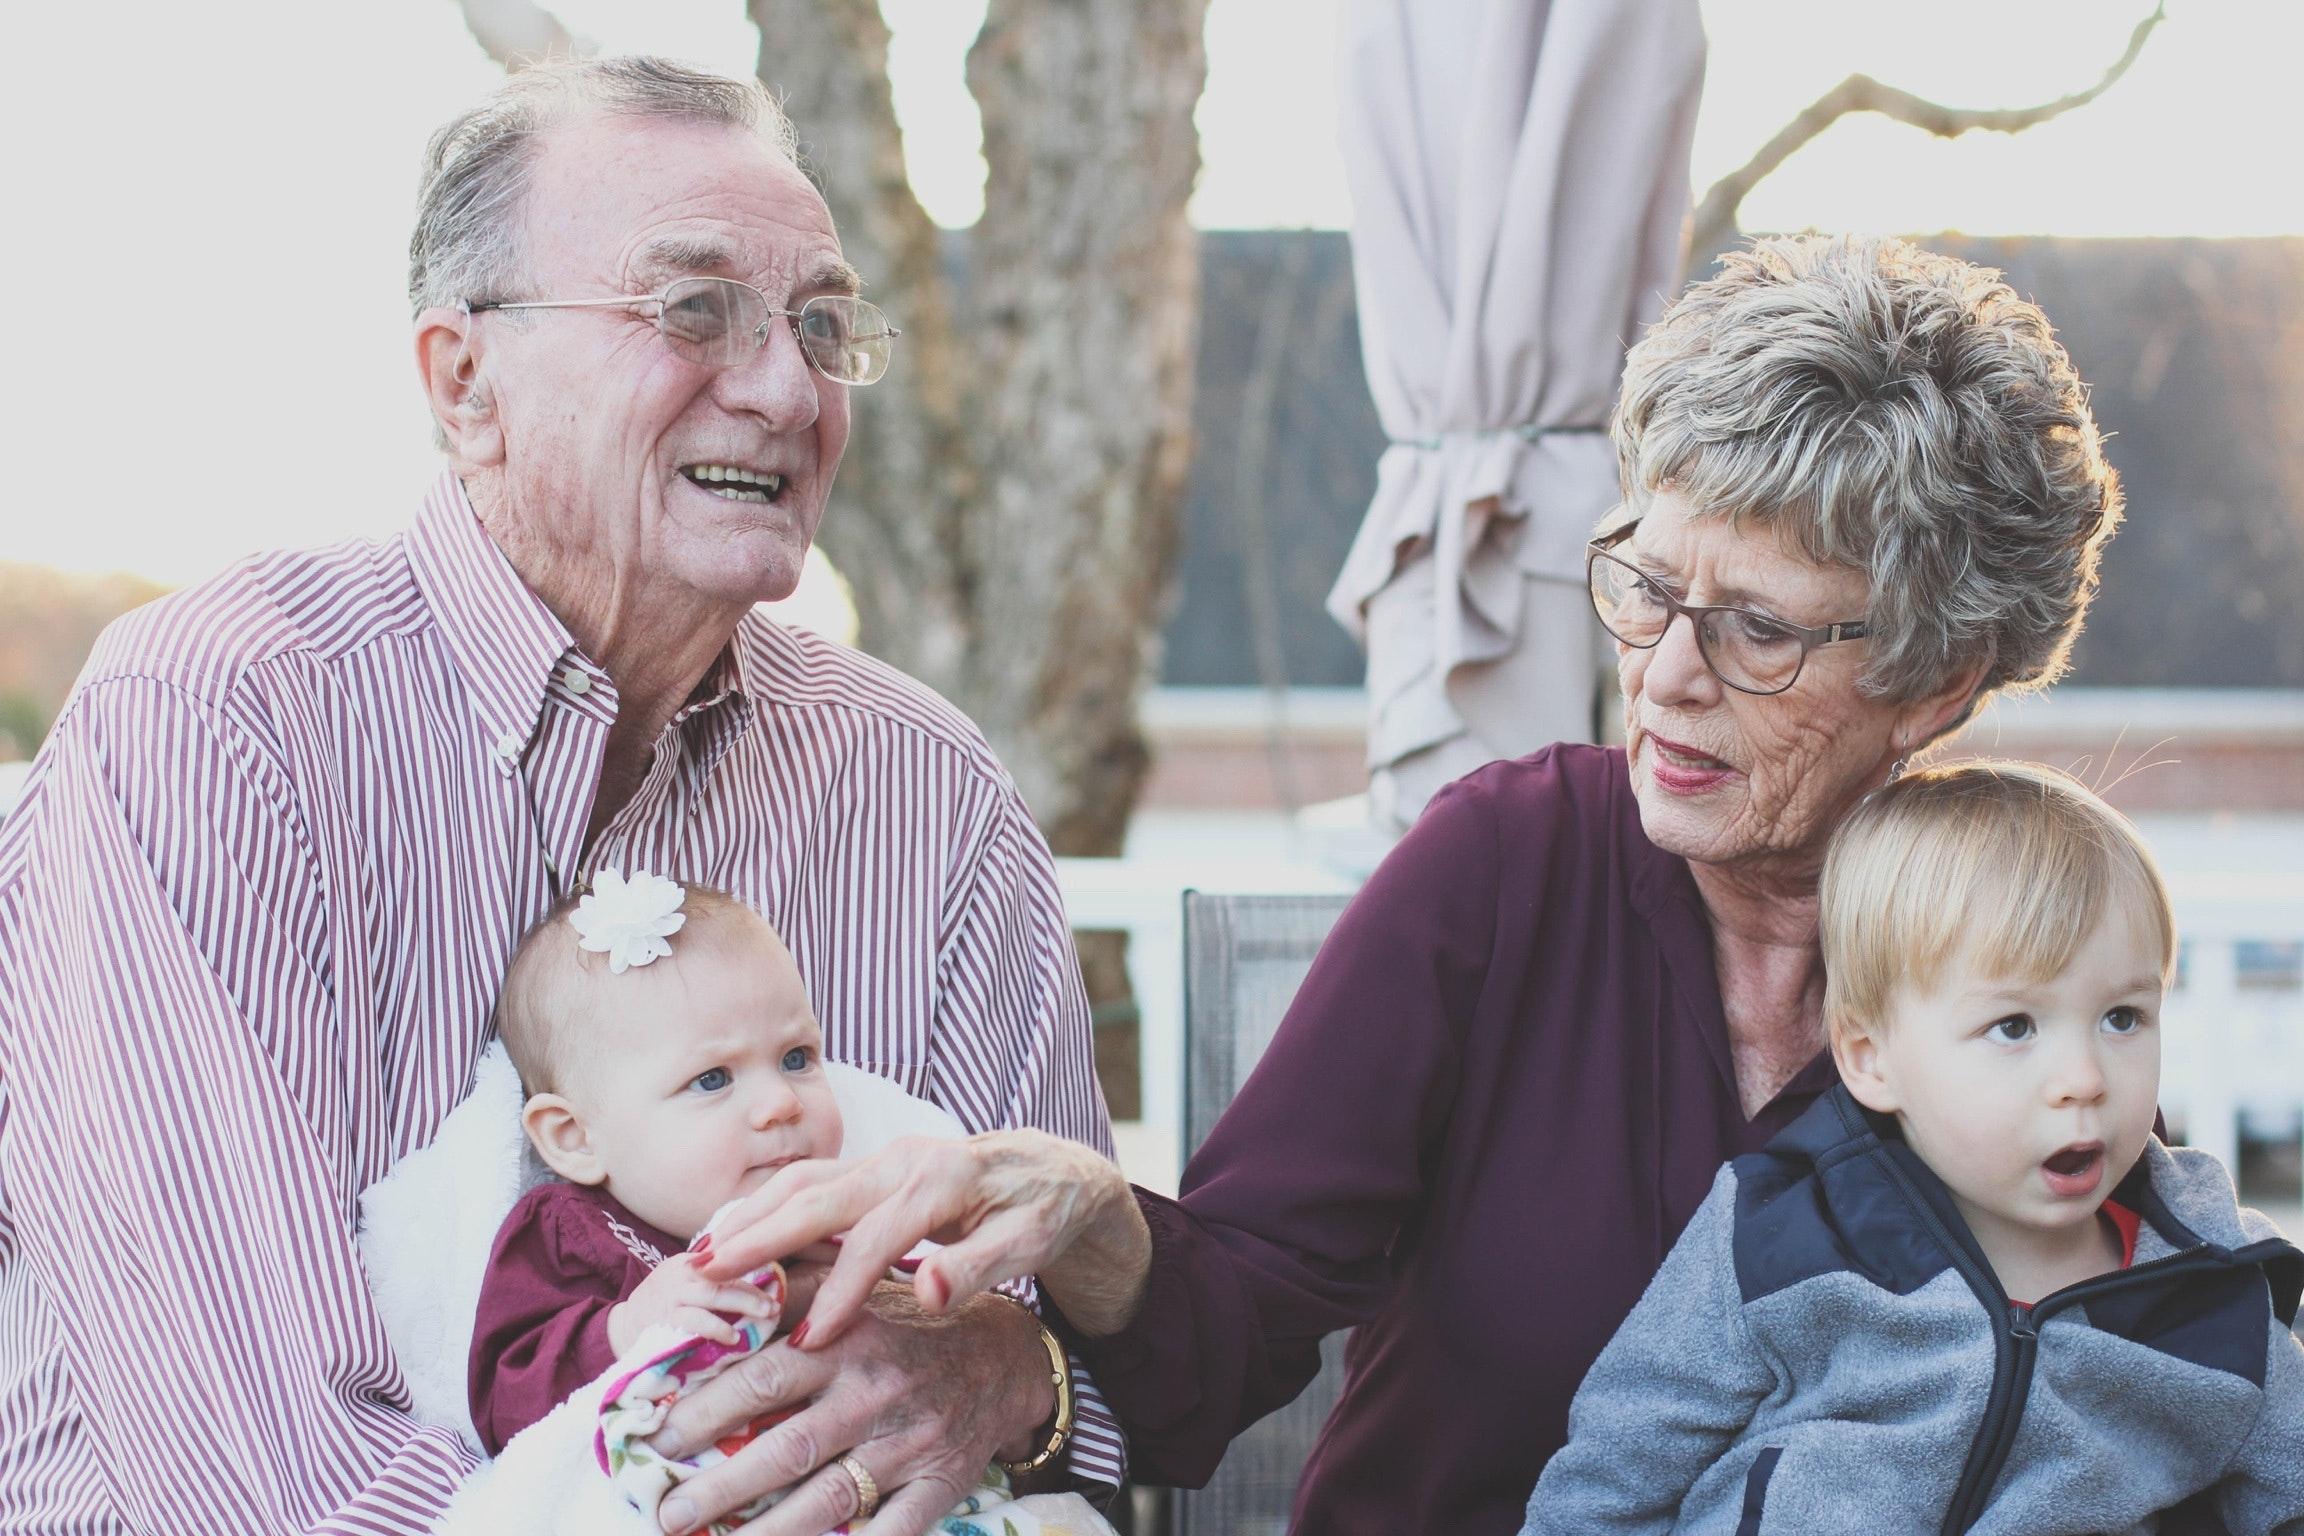 Tus suegros, mis suegros: una fuente de conflictos de pareja